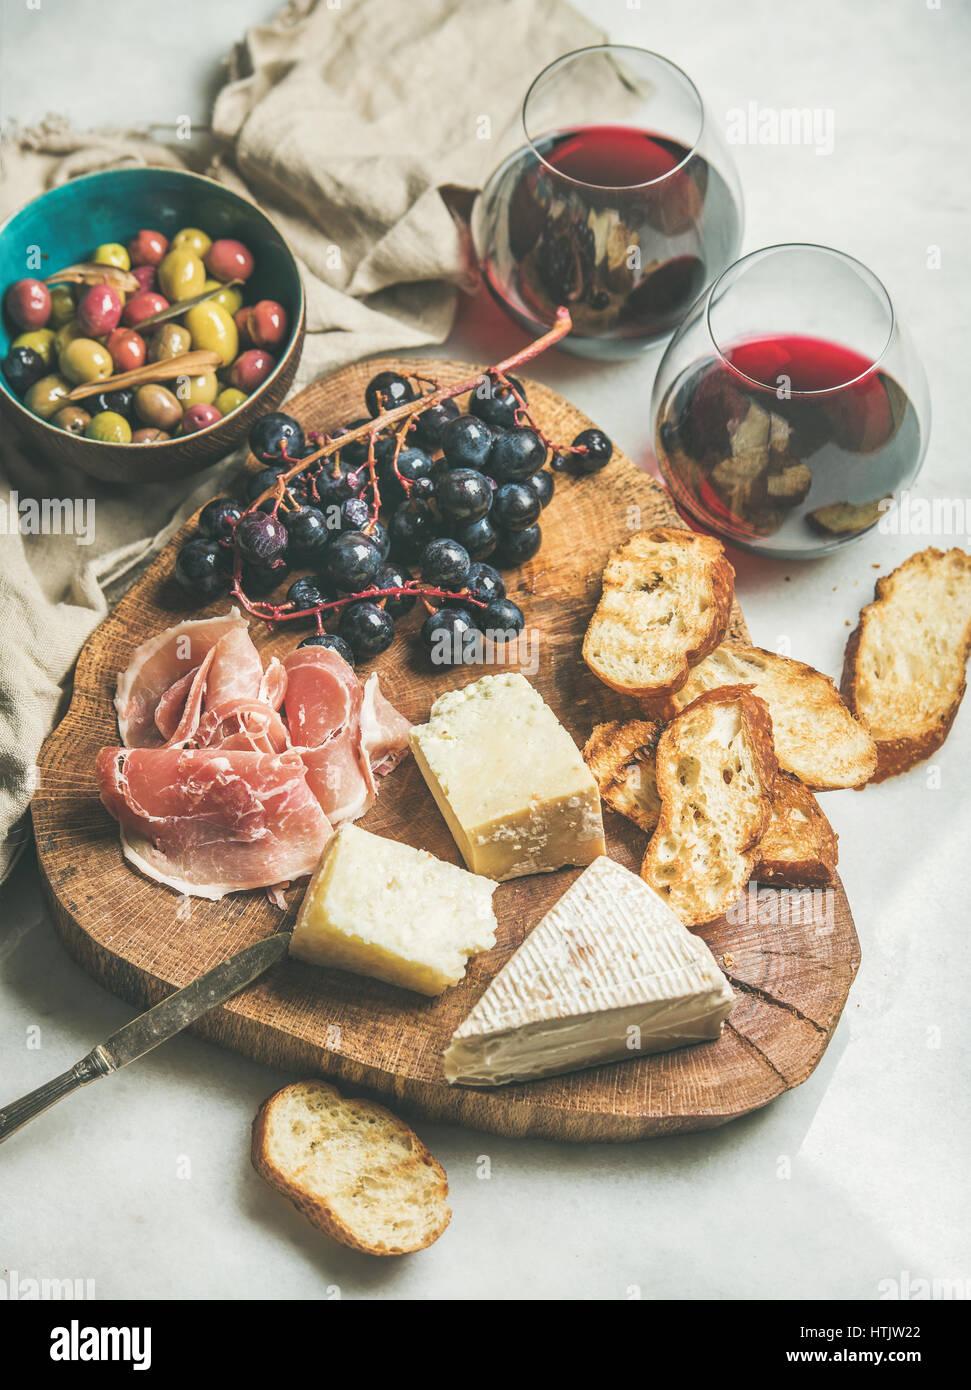 Käse, Oliven, Schinken, Baguette Scheiben, Weintrauben und Rotwein Stockbild